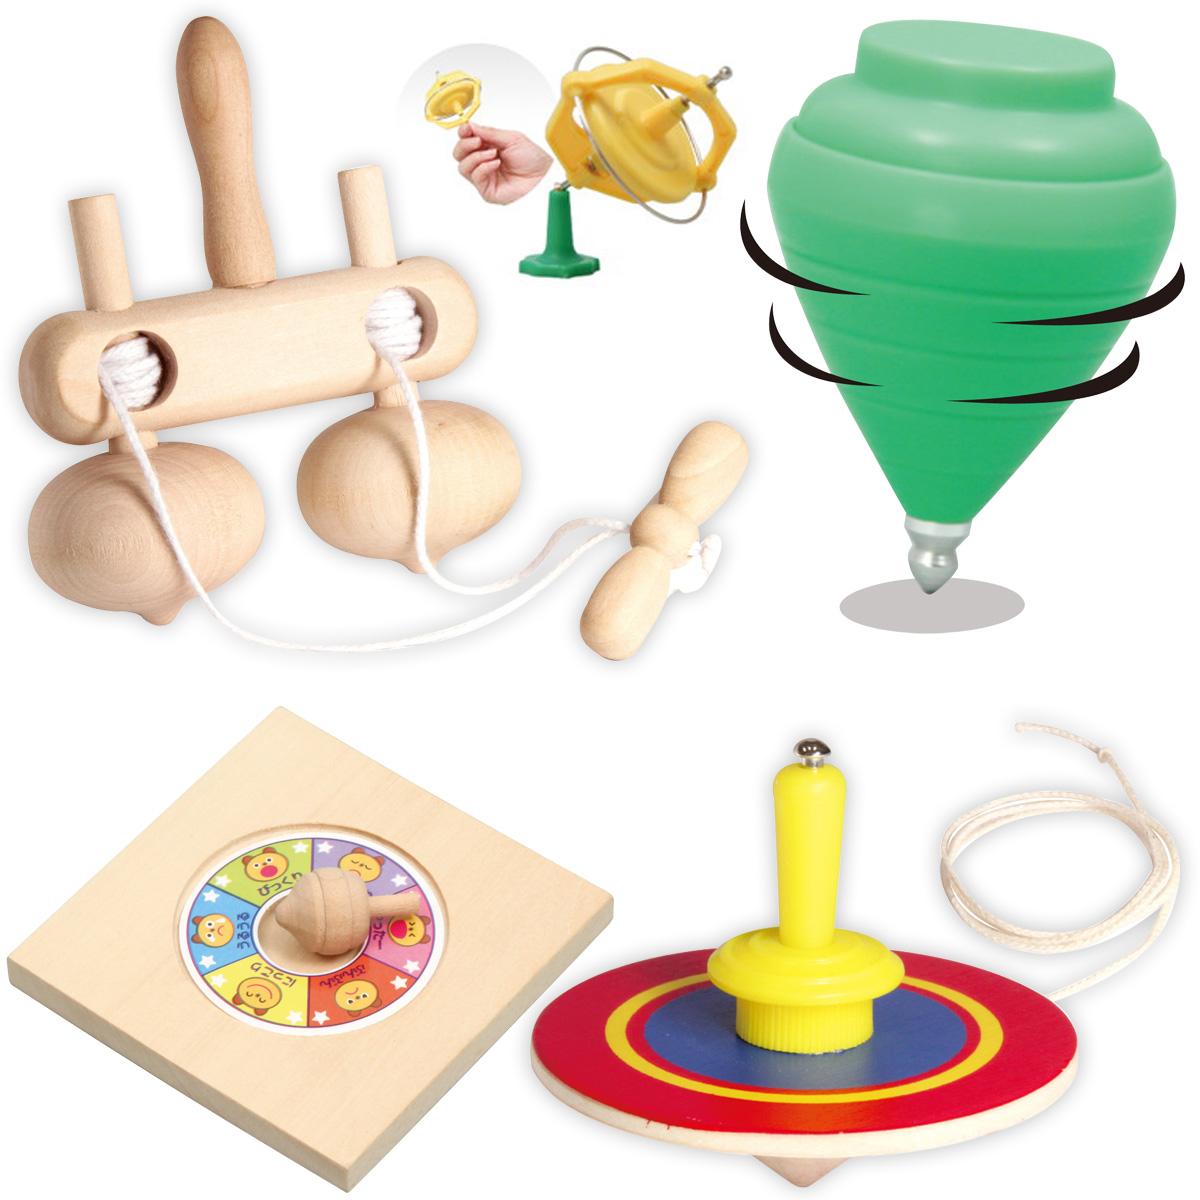 コマわくわくセット 2個 ランダム 子供 ゲーム おもちゃ こま回し 冬休み 玩具 お正月 クリスマスプレゼント